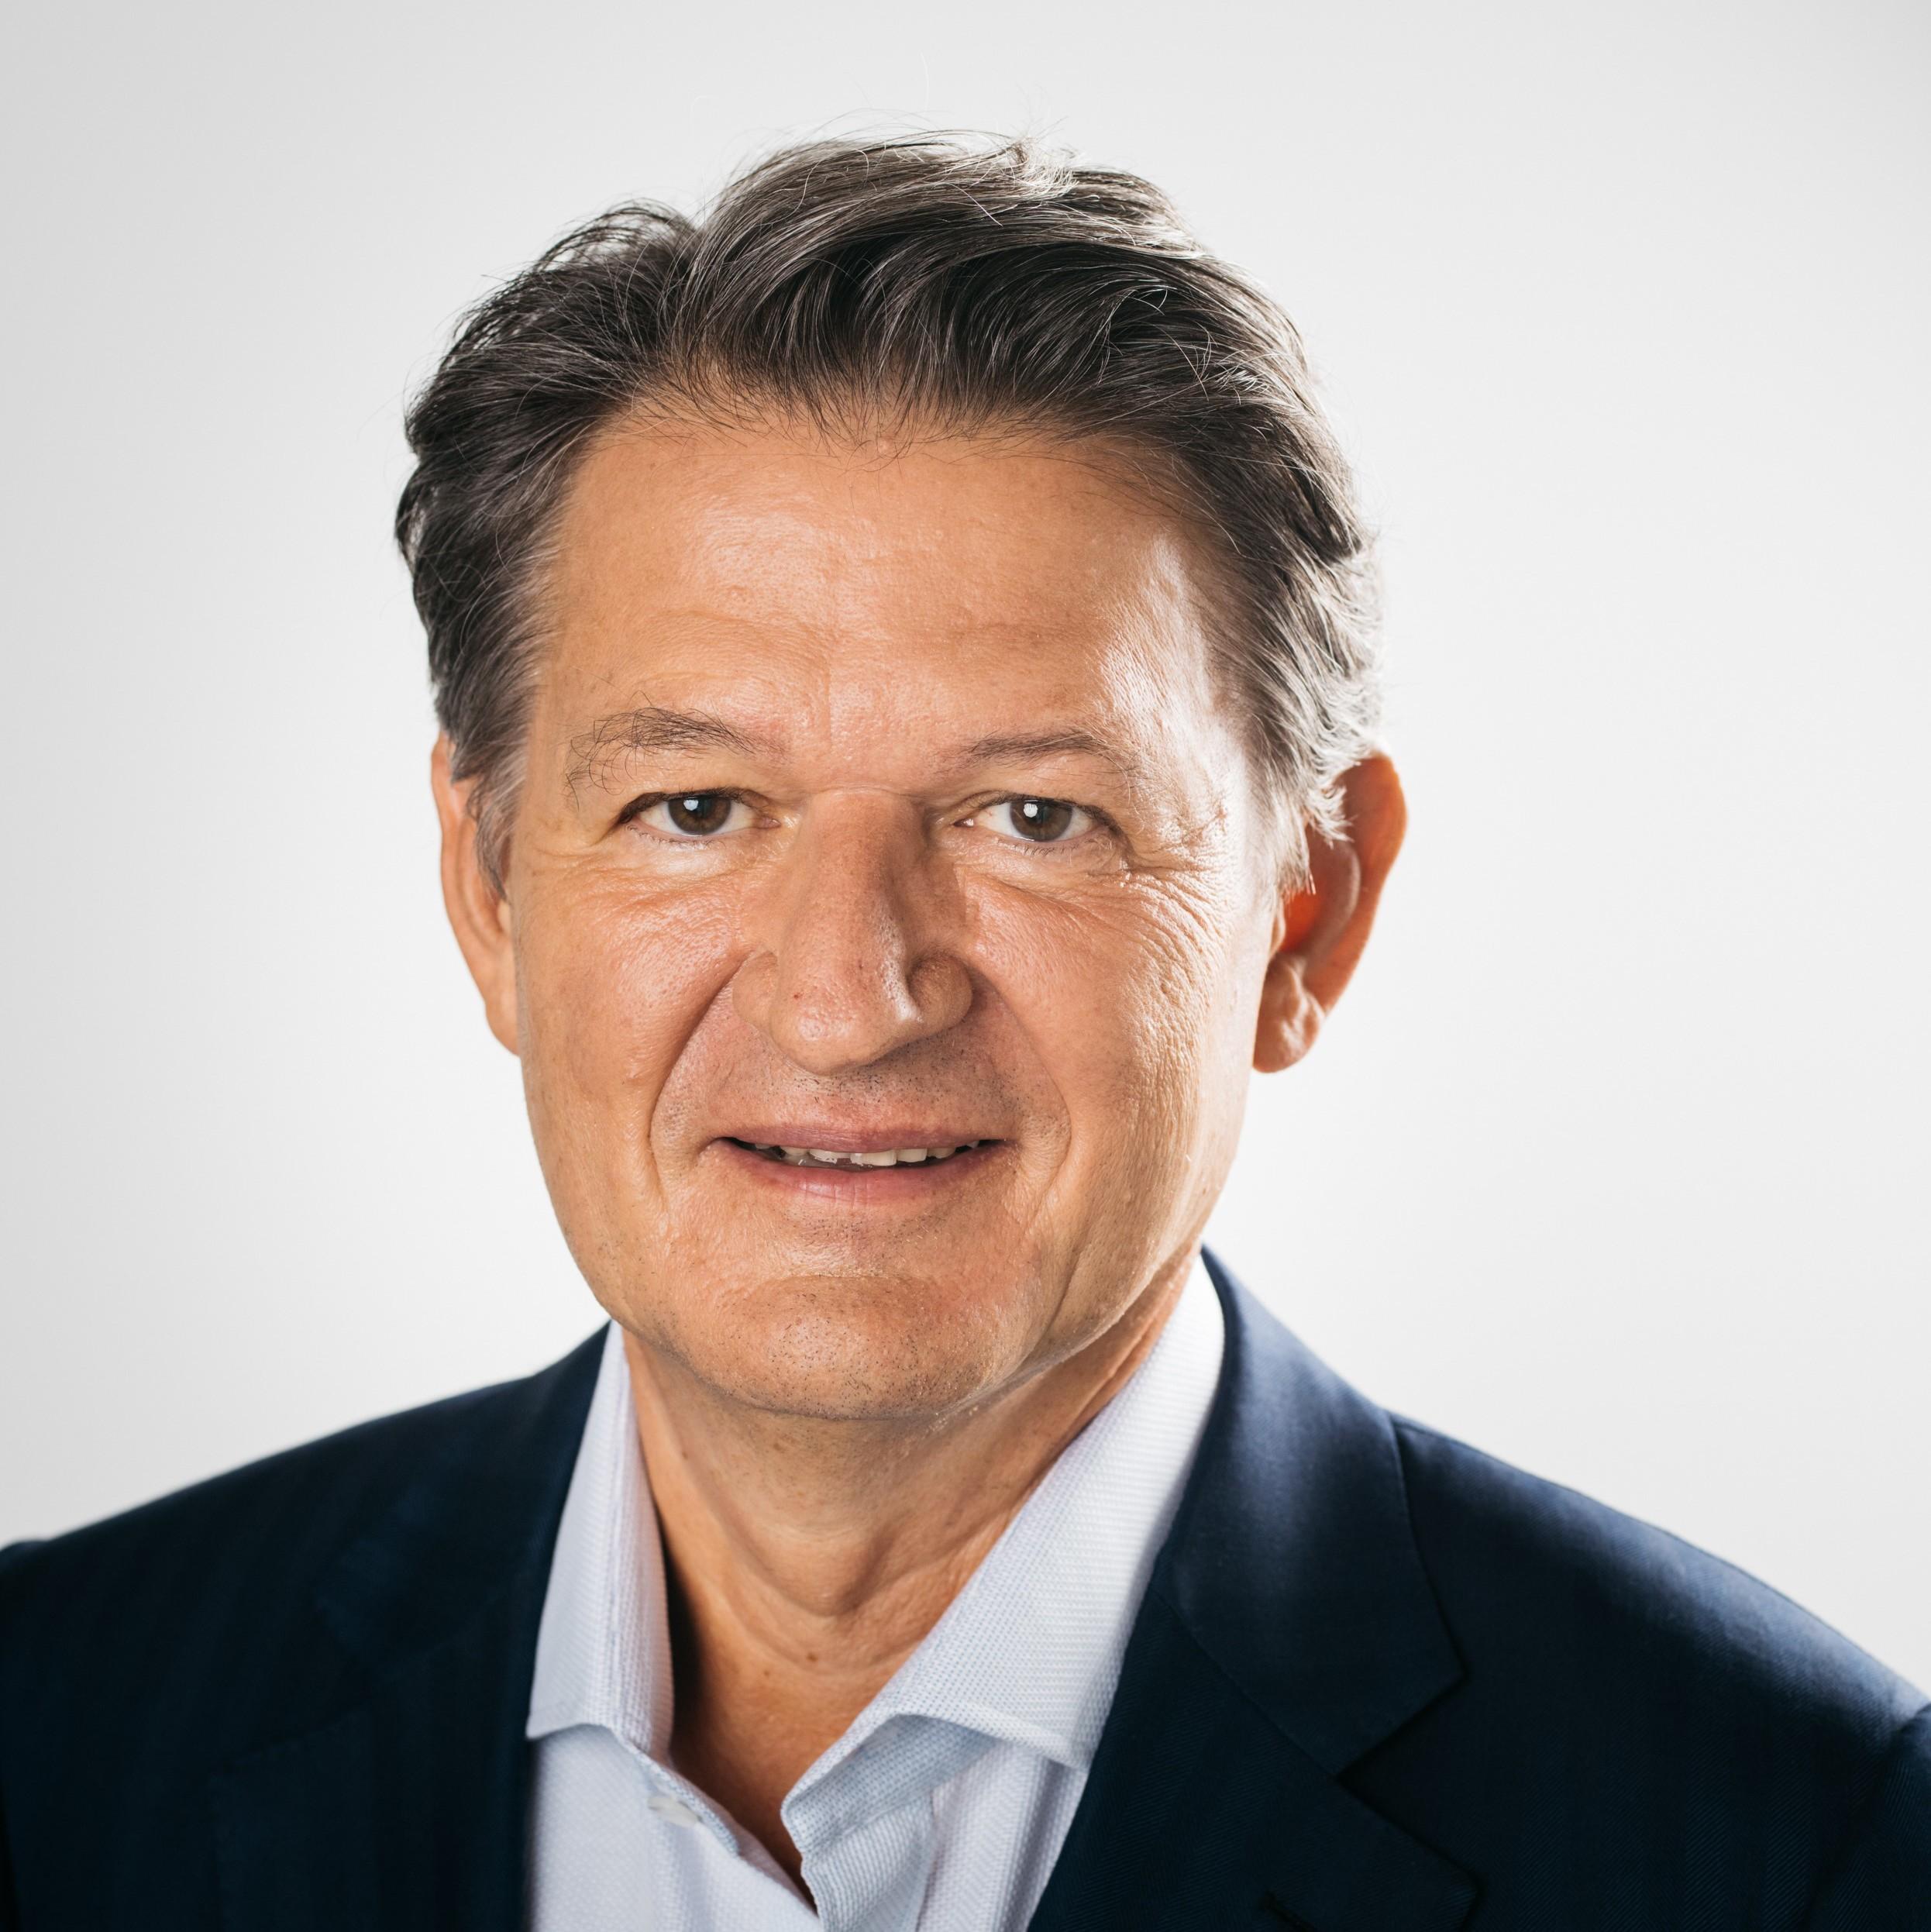 Foto: Helmut Brandstätter